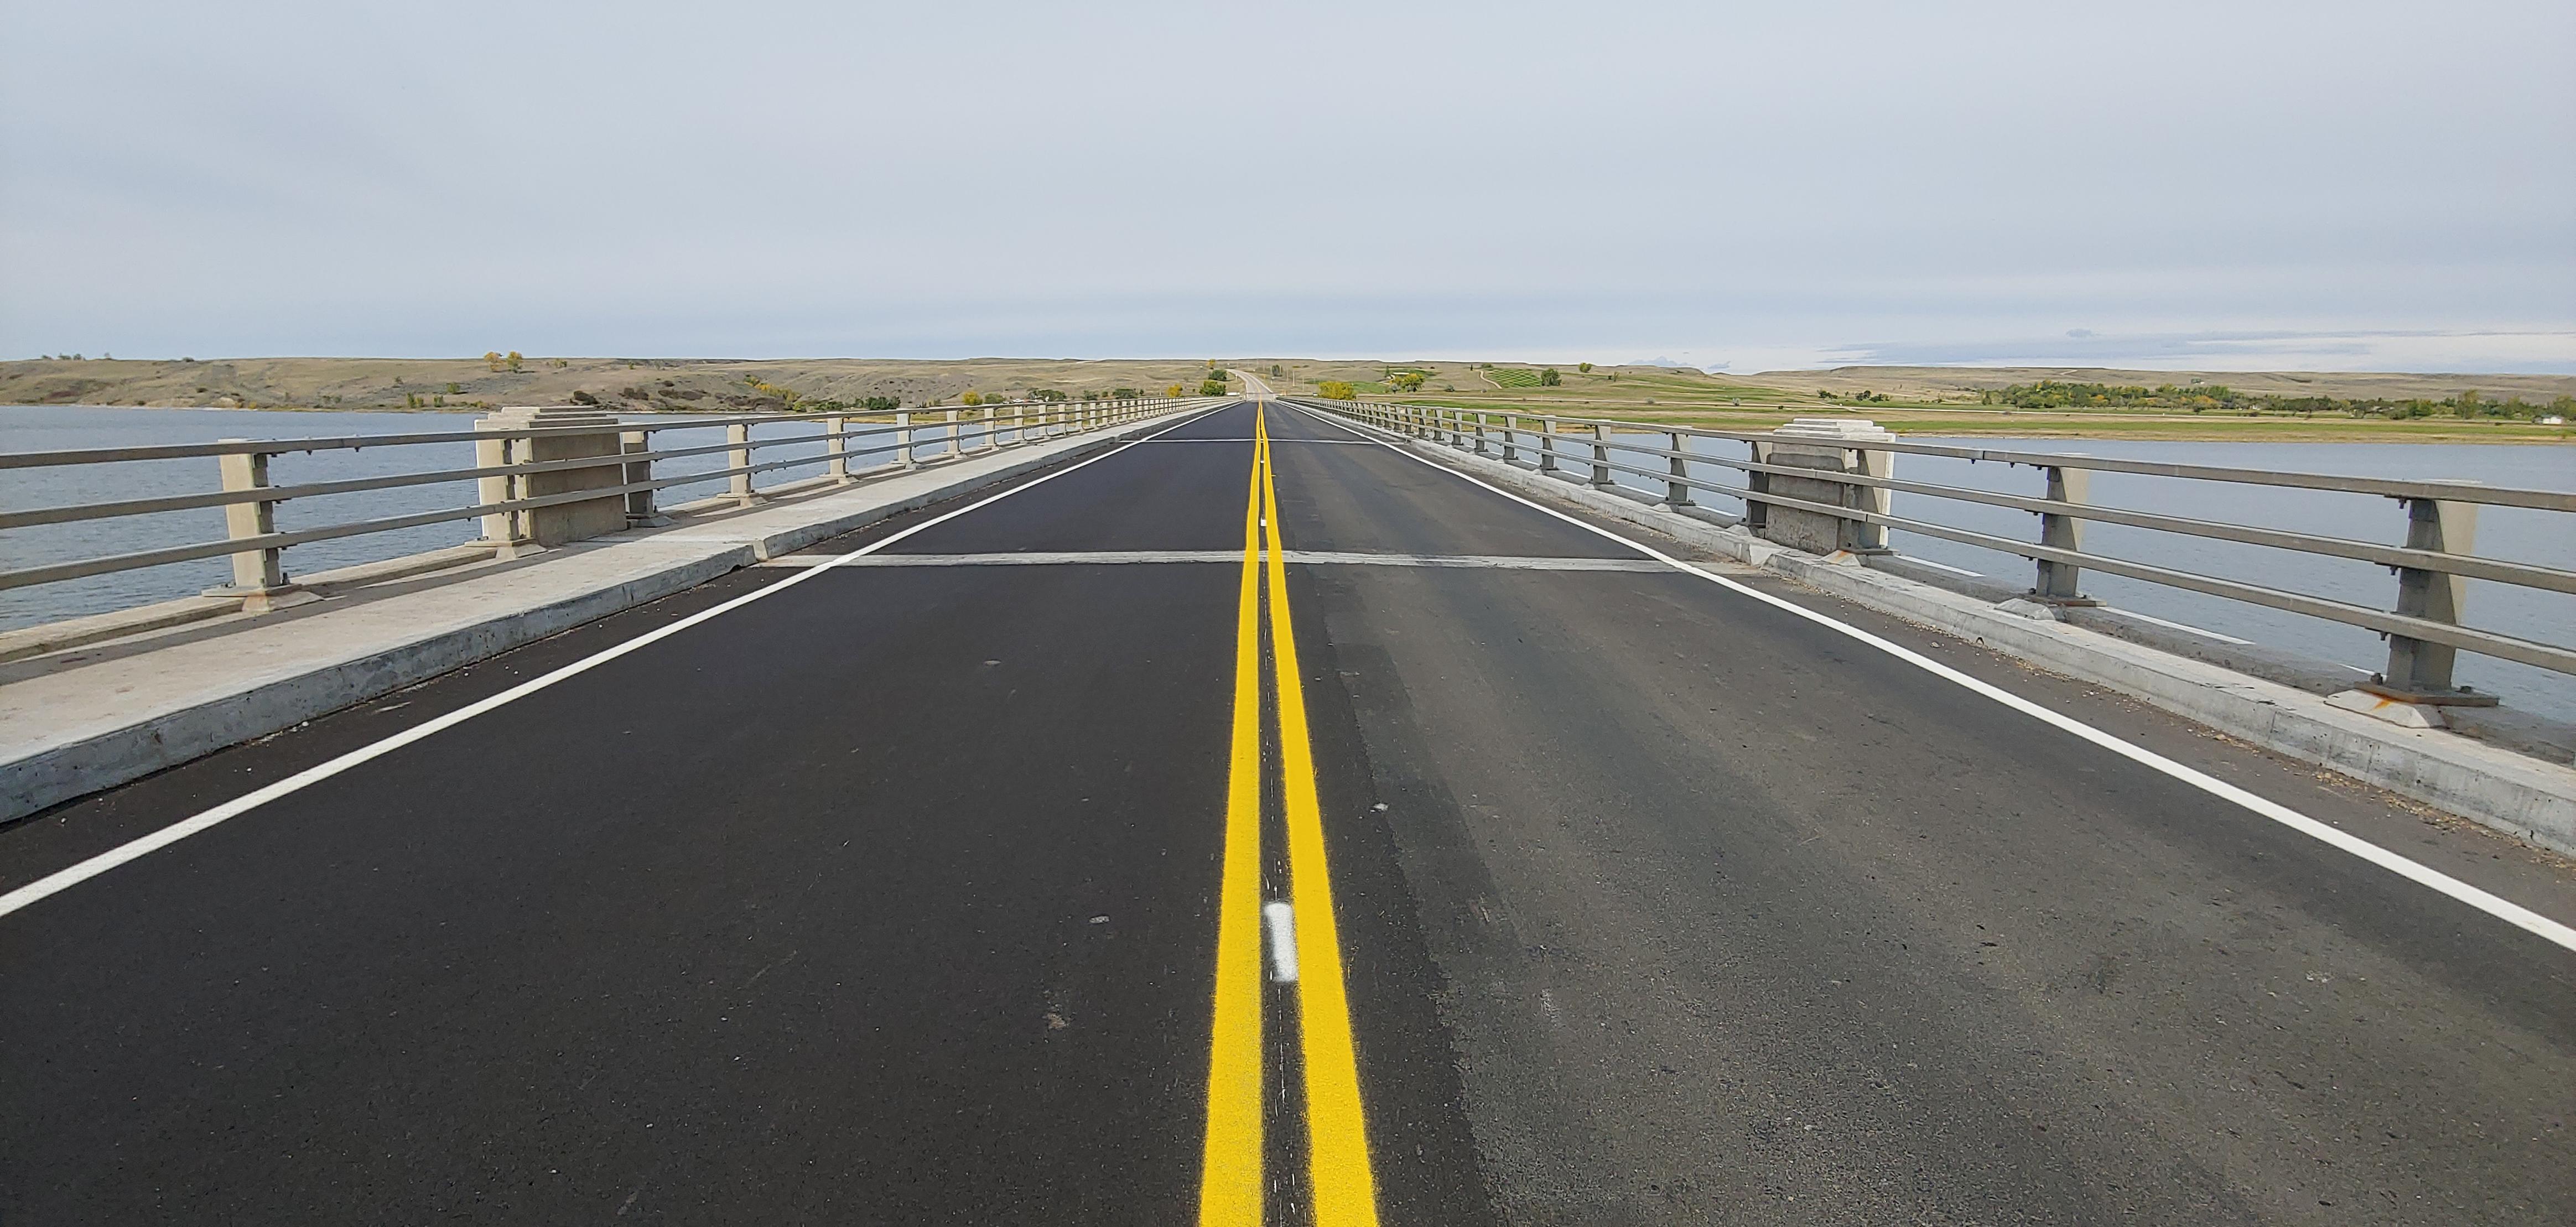 Sask Landing Bridge (10)